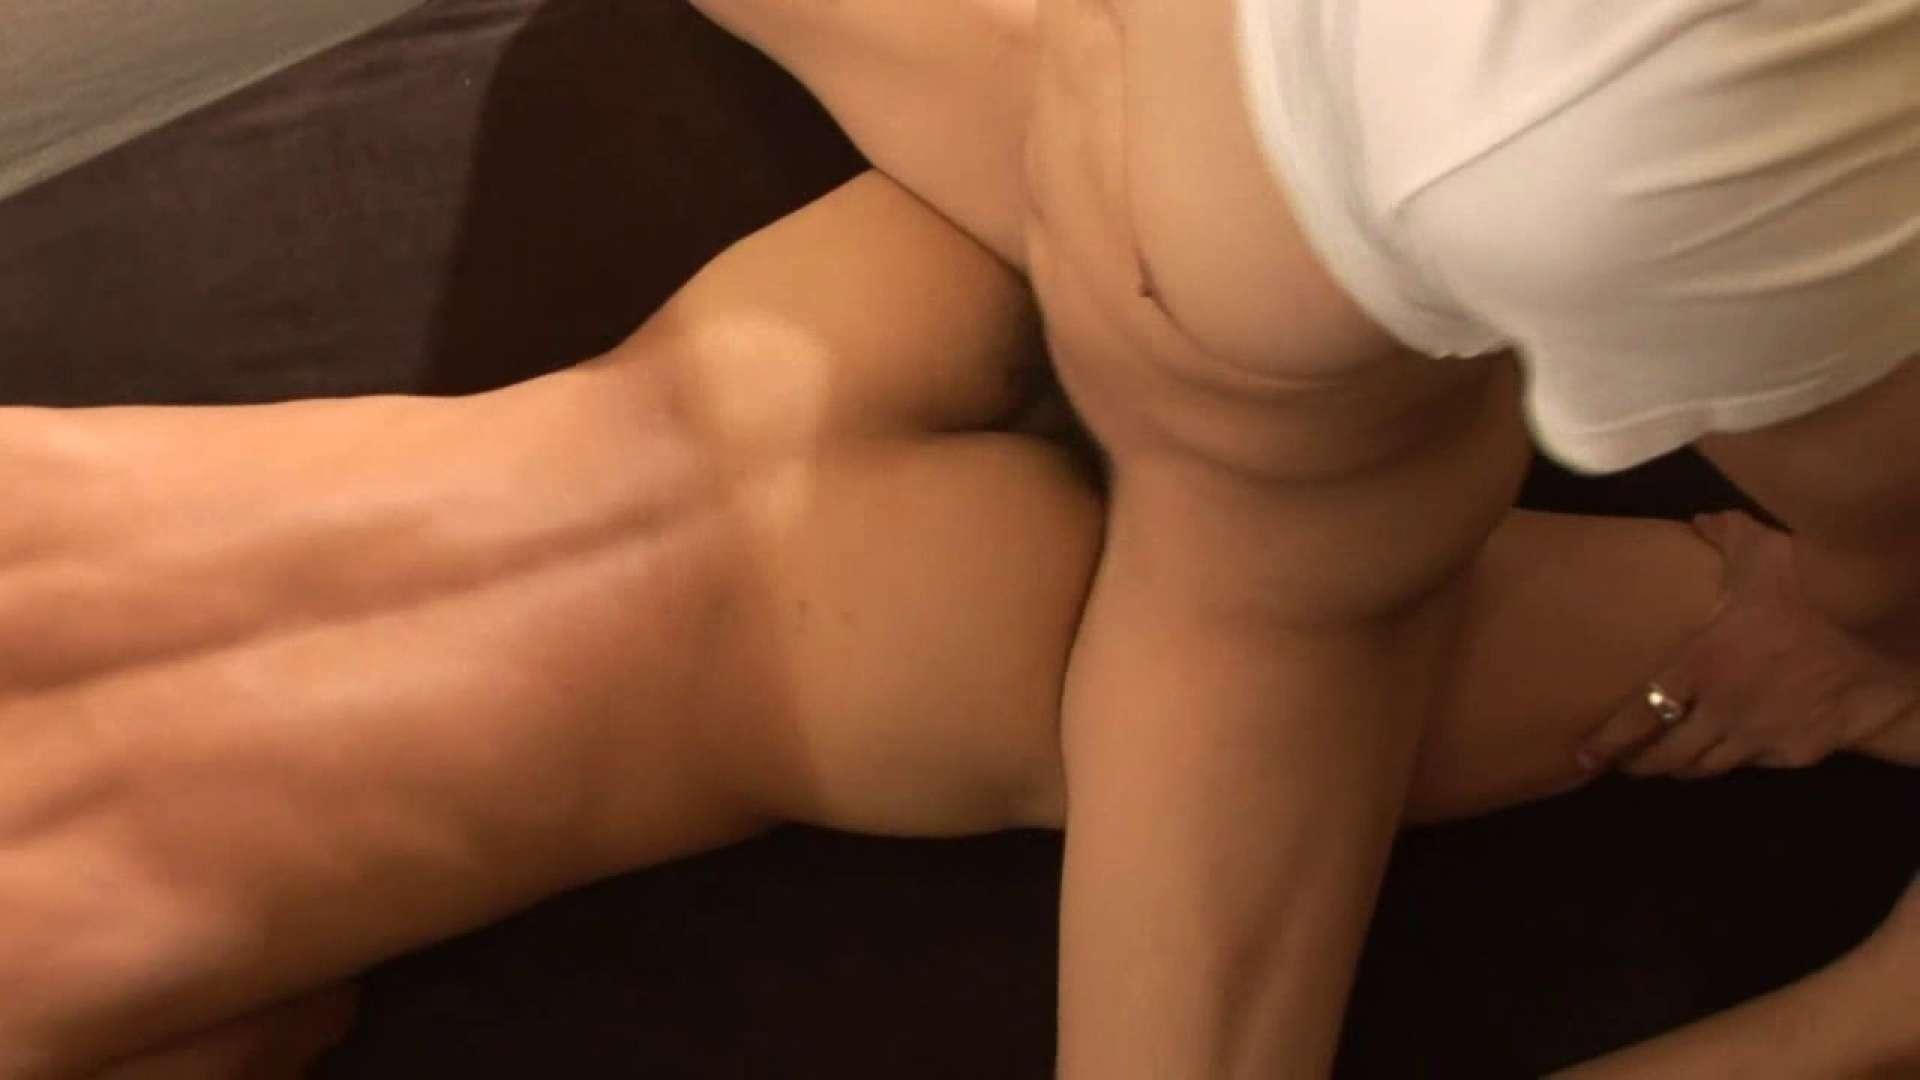 掘って掘ってまた掘って!! No.02 フェチ ゲイセックス画像 105連発 102